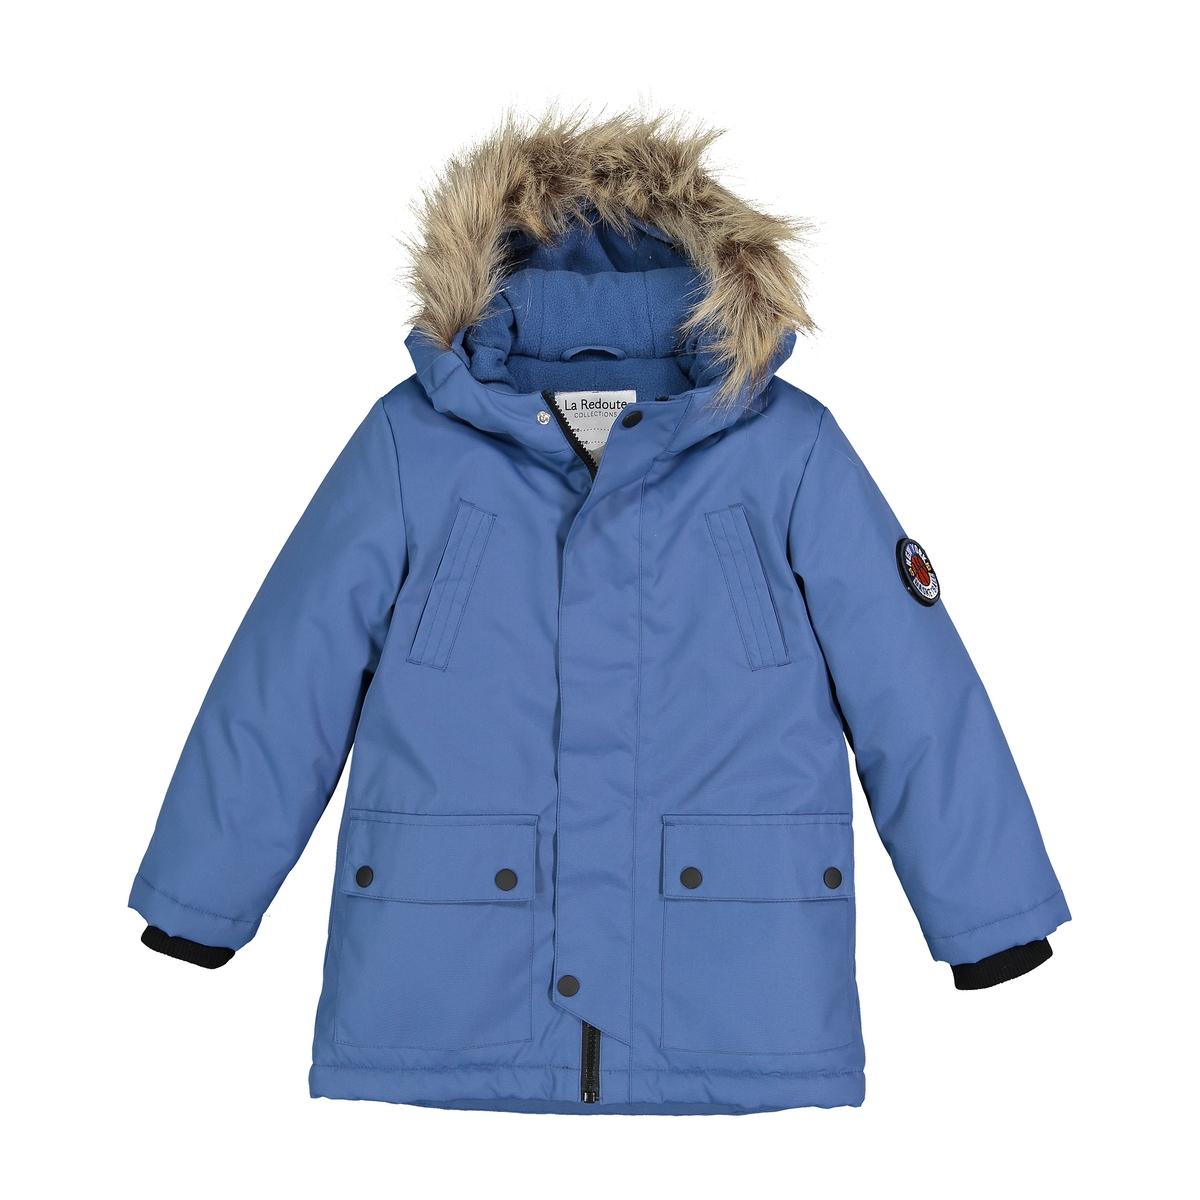 Парка La Redoute С капюшоном на флисовой подкладке 10 лет - 138 см синий цена 2017